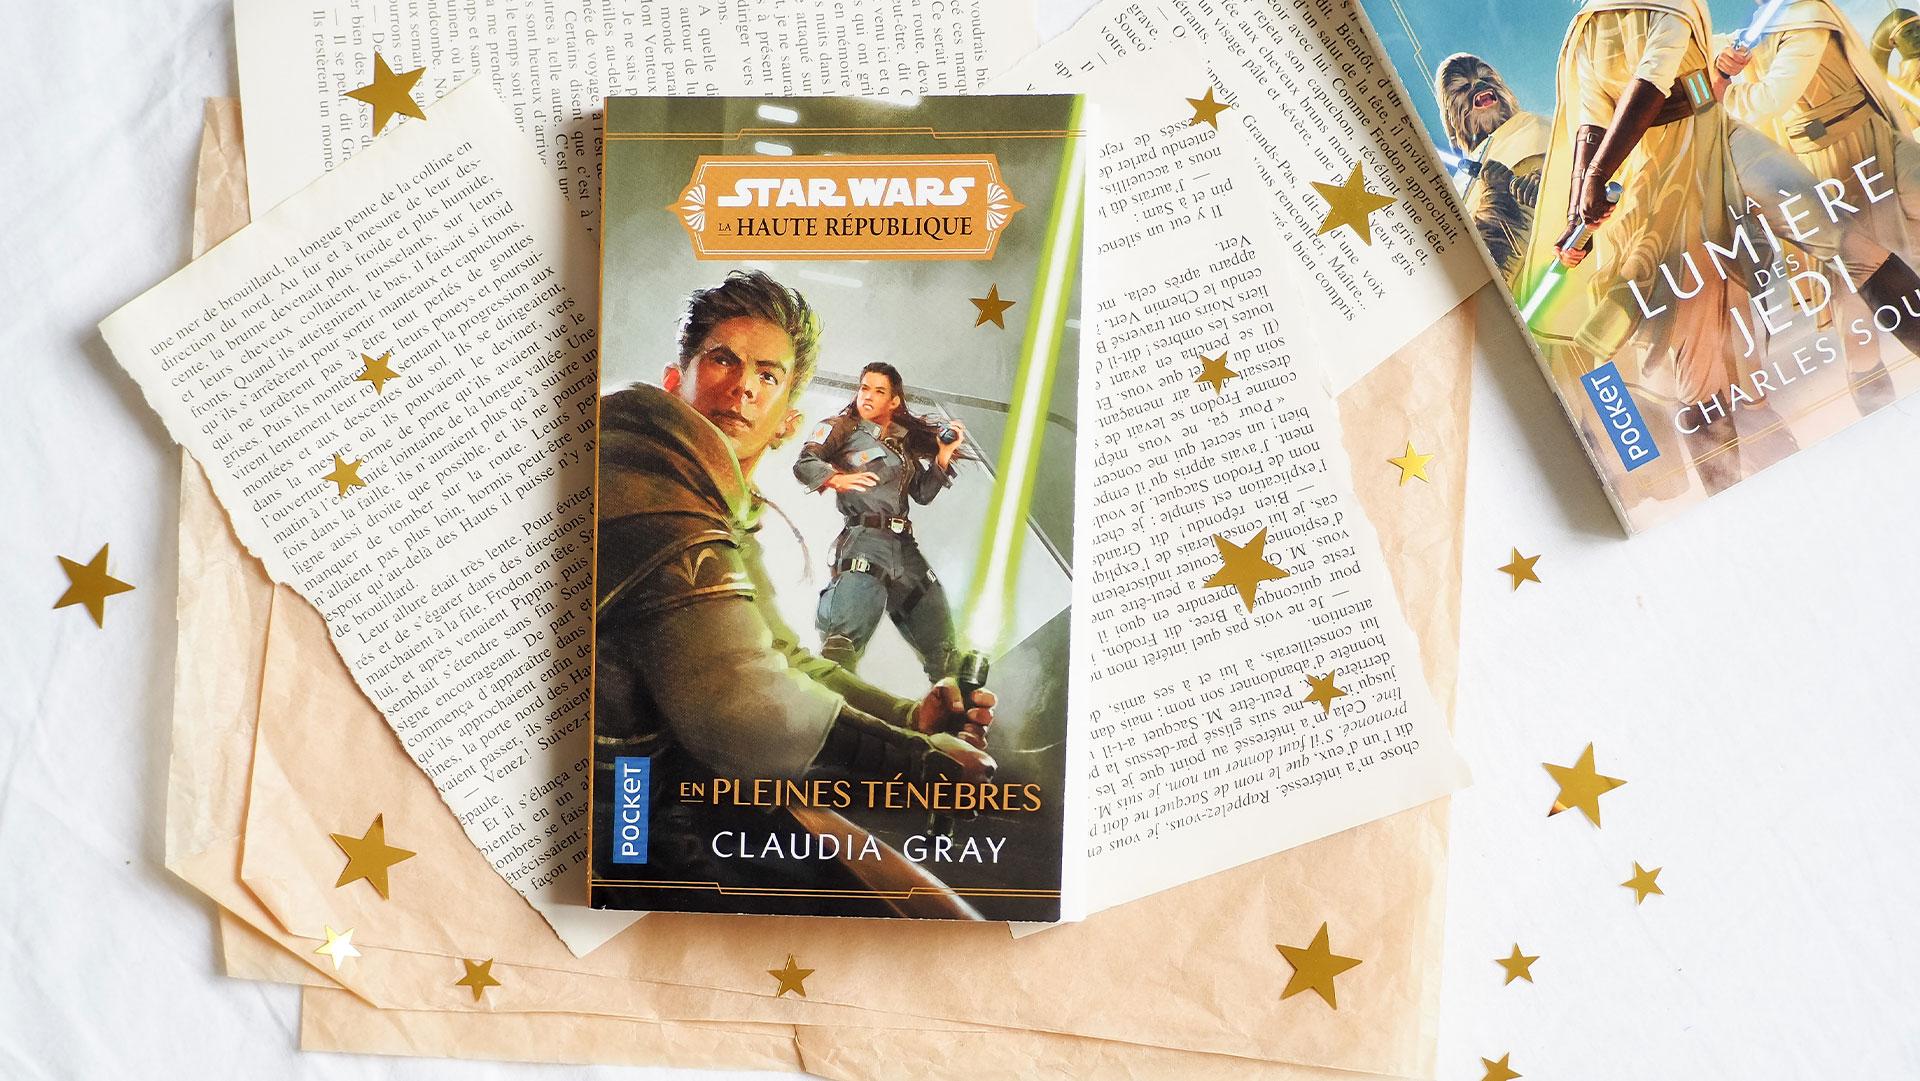 star-wars-en-pleines-tenebres-Claudia-Gray